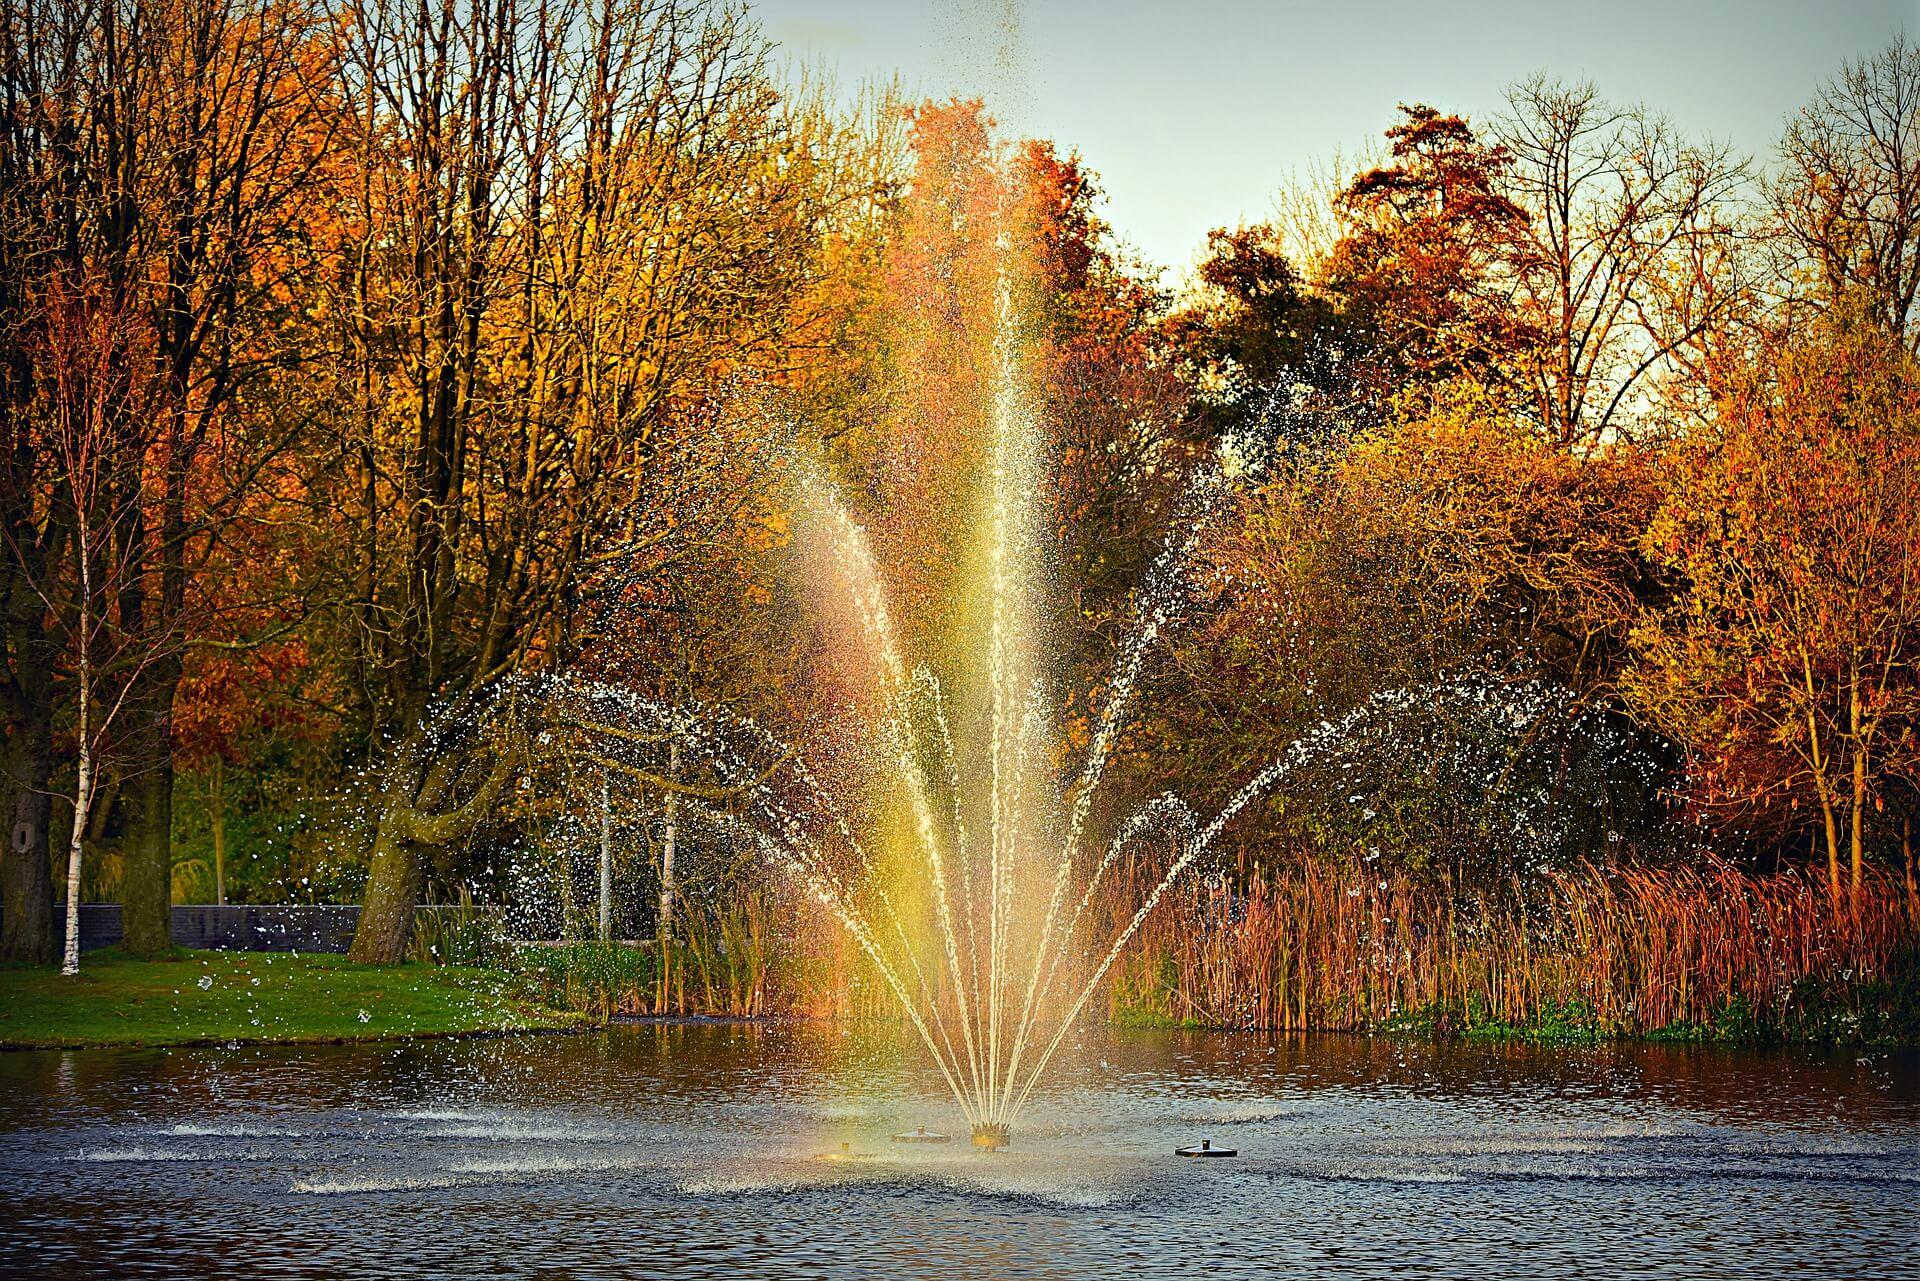 Jezírková fontána